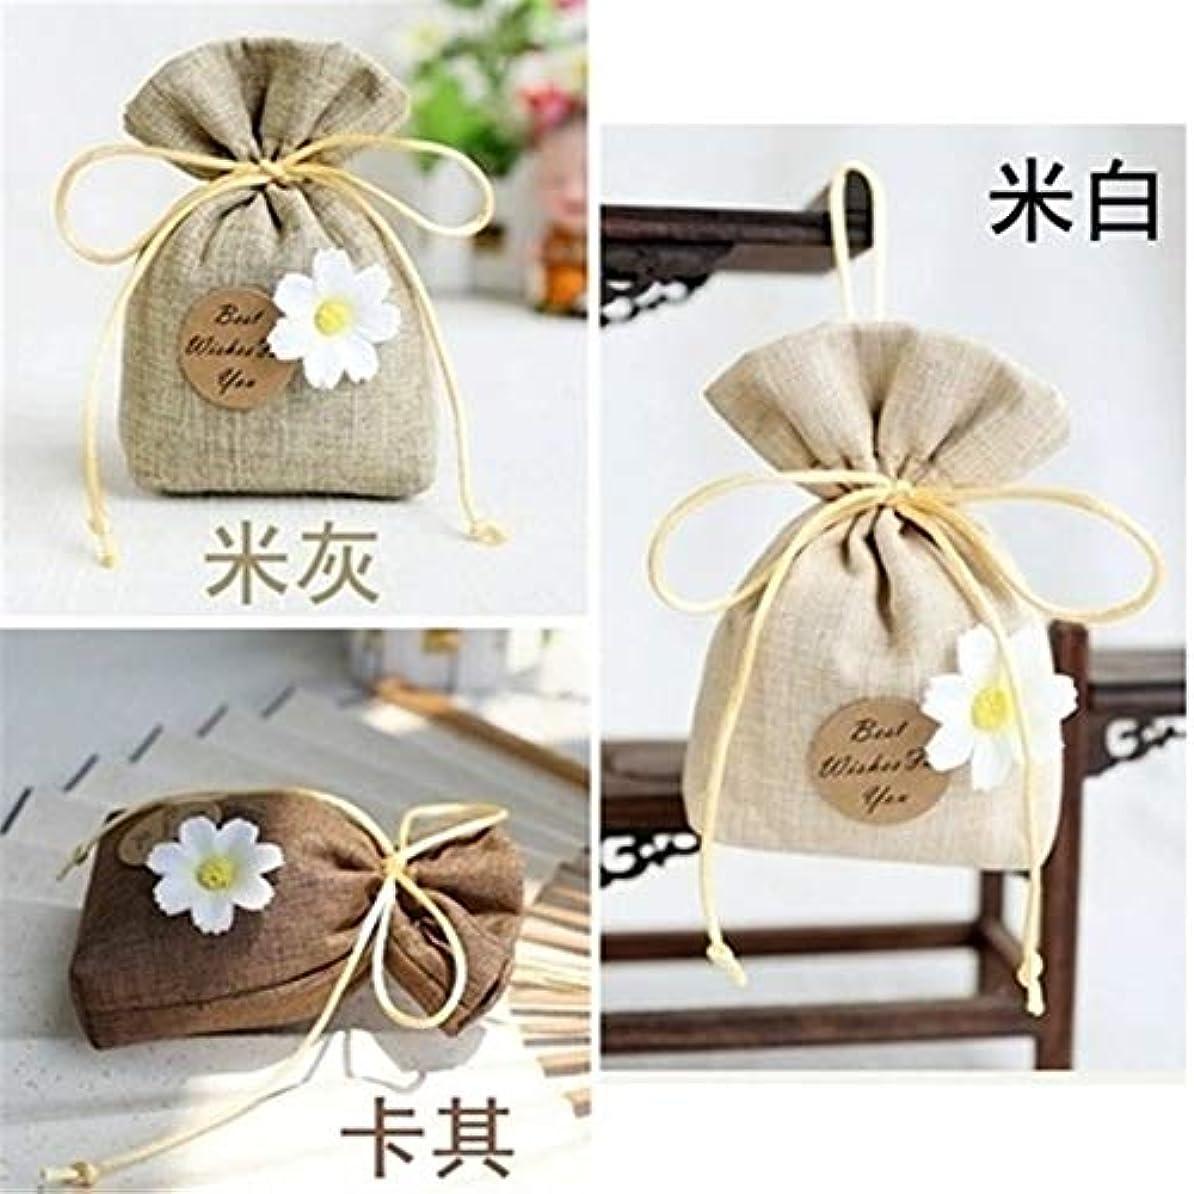 レバー日焼け急流Gardenia/Clove/Gulongの芳香の芳香の芳香剤の香料入りの磨き粉、ワードローブのための自然な芳香の芳香の芳香袋、車、 (Color : Khaki, Scent Type : Gardenia)